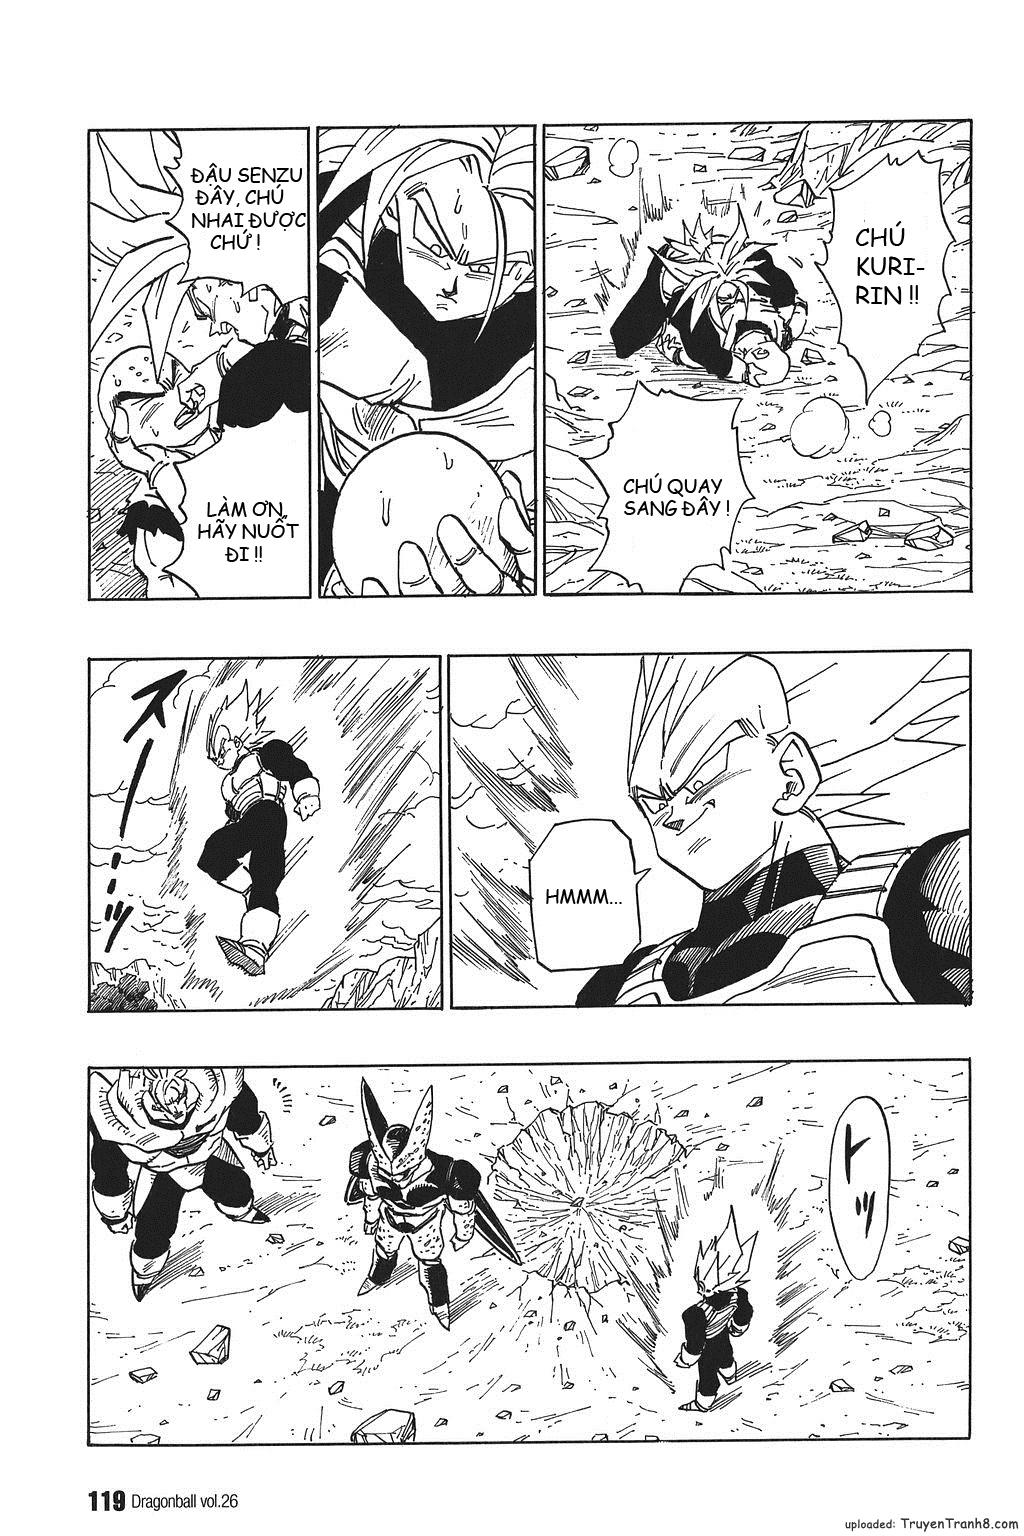 xem truyen moi - Dragon Ball Bản Vip - Bản Đẹp Nguyên Gốc Chap 383